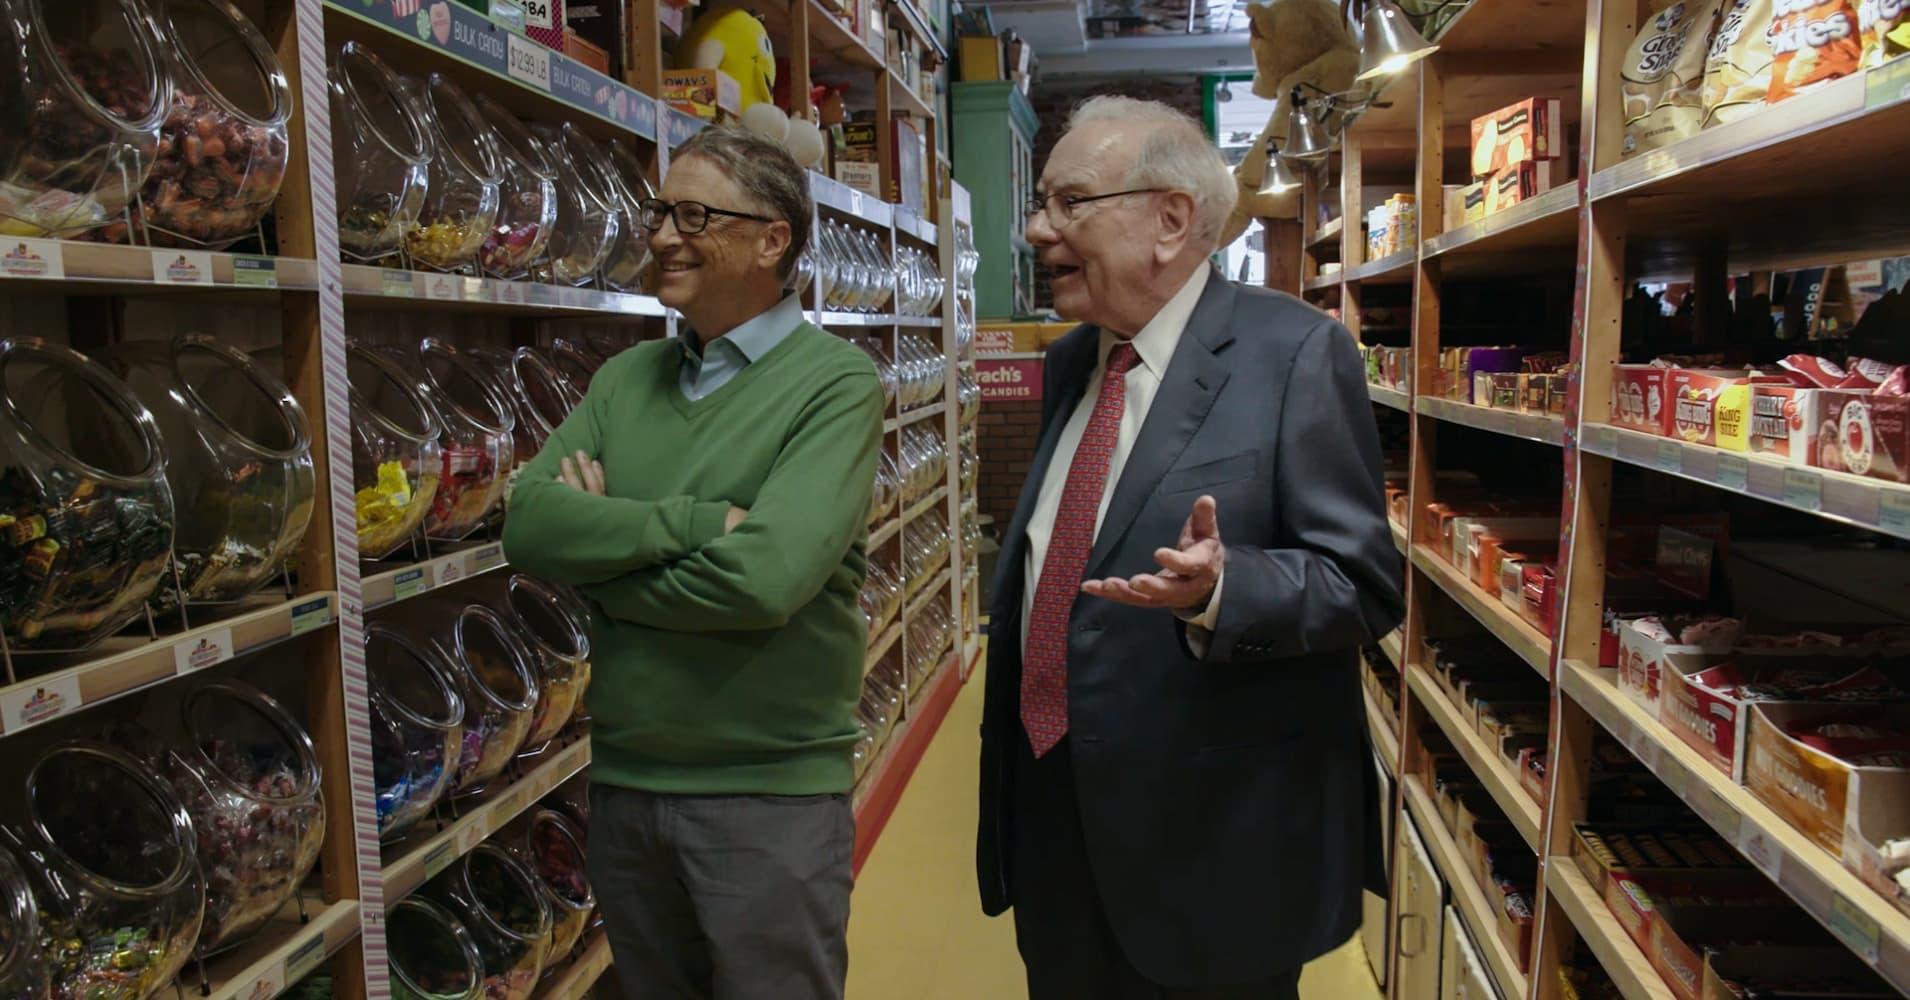 Warren Buffett tells Bill Gates how he spent his 'nickel-a-week' allowance when he was 6